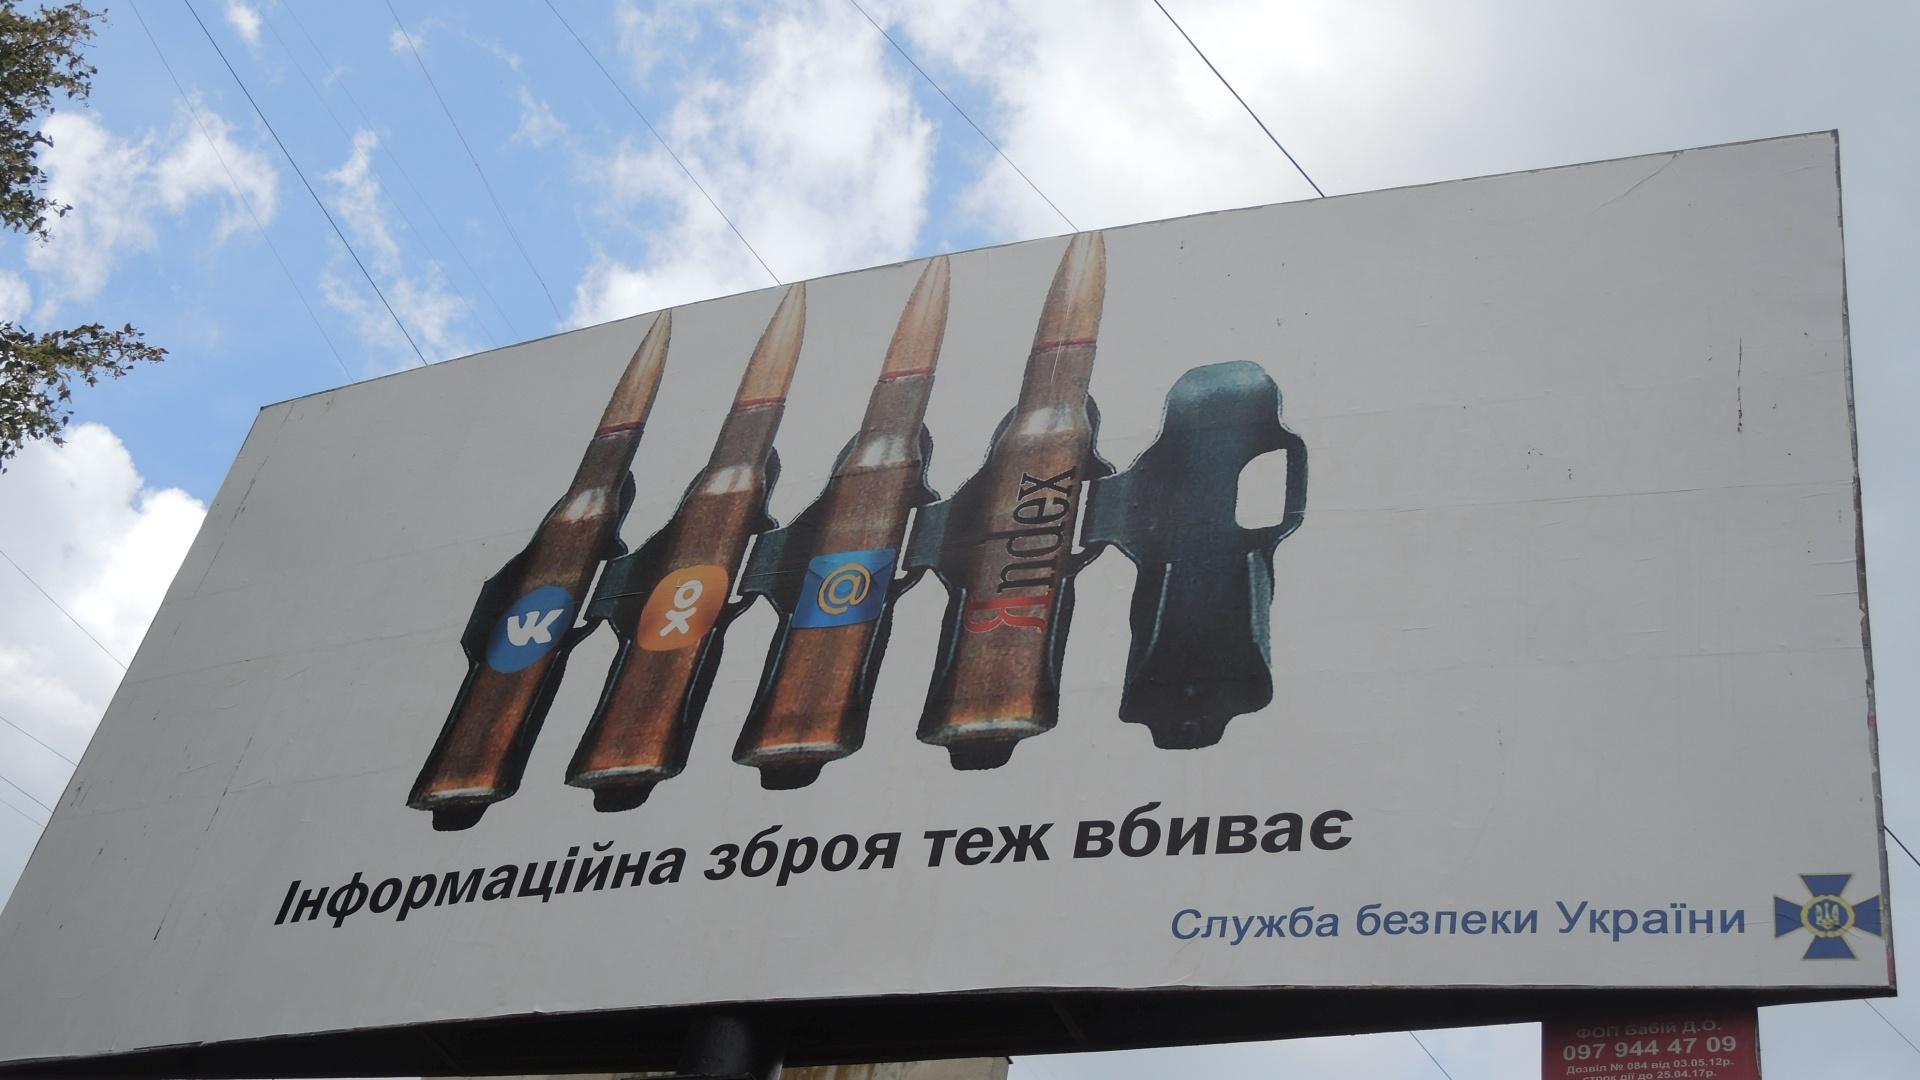 Пропаганда от местного ФСБ